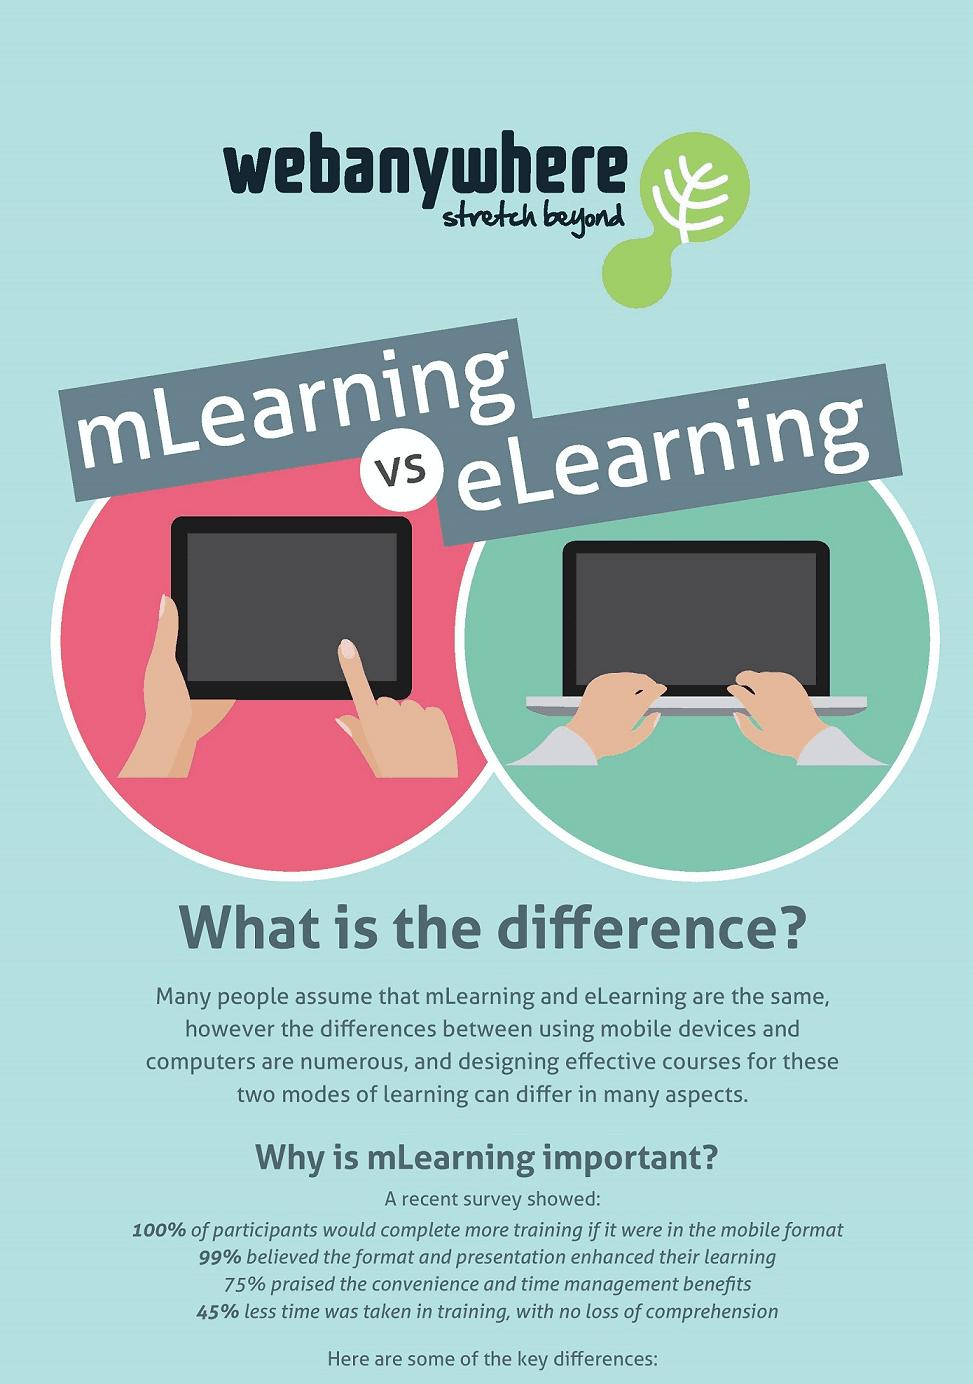 immagine anteprima mobile learning vs e-learning